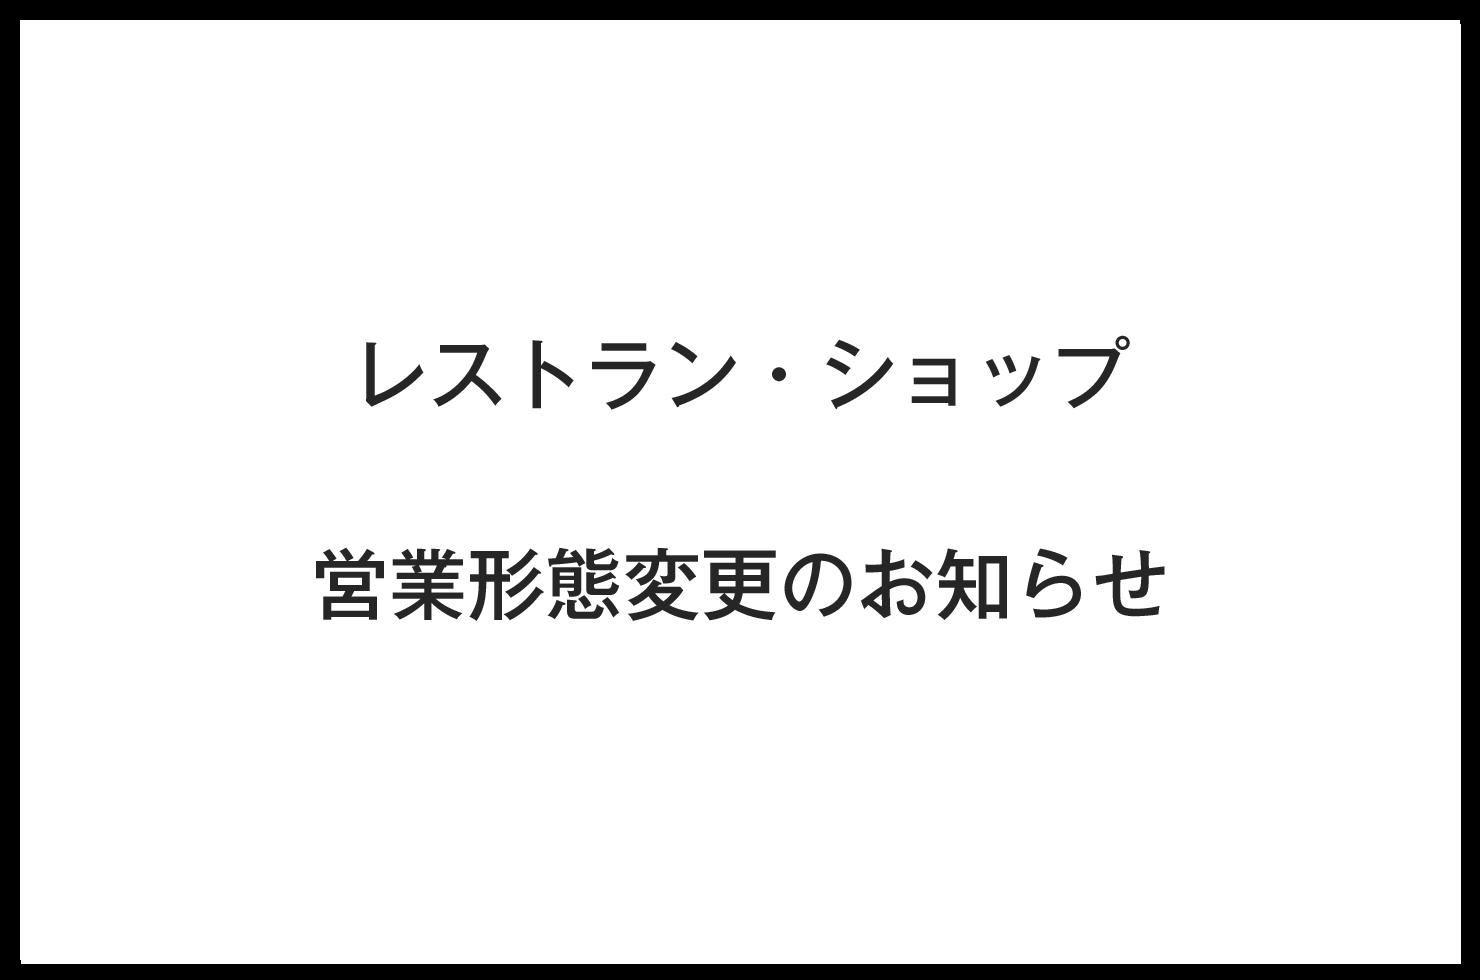 レストラン・ショップ営業形態変更のお知らせ